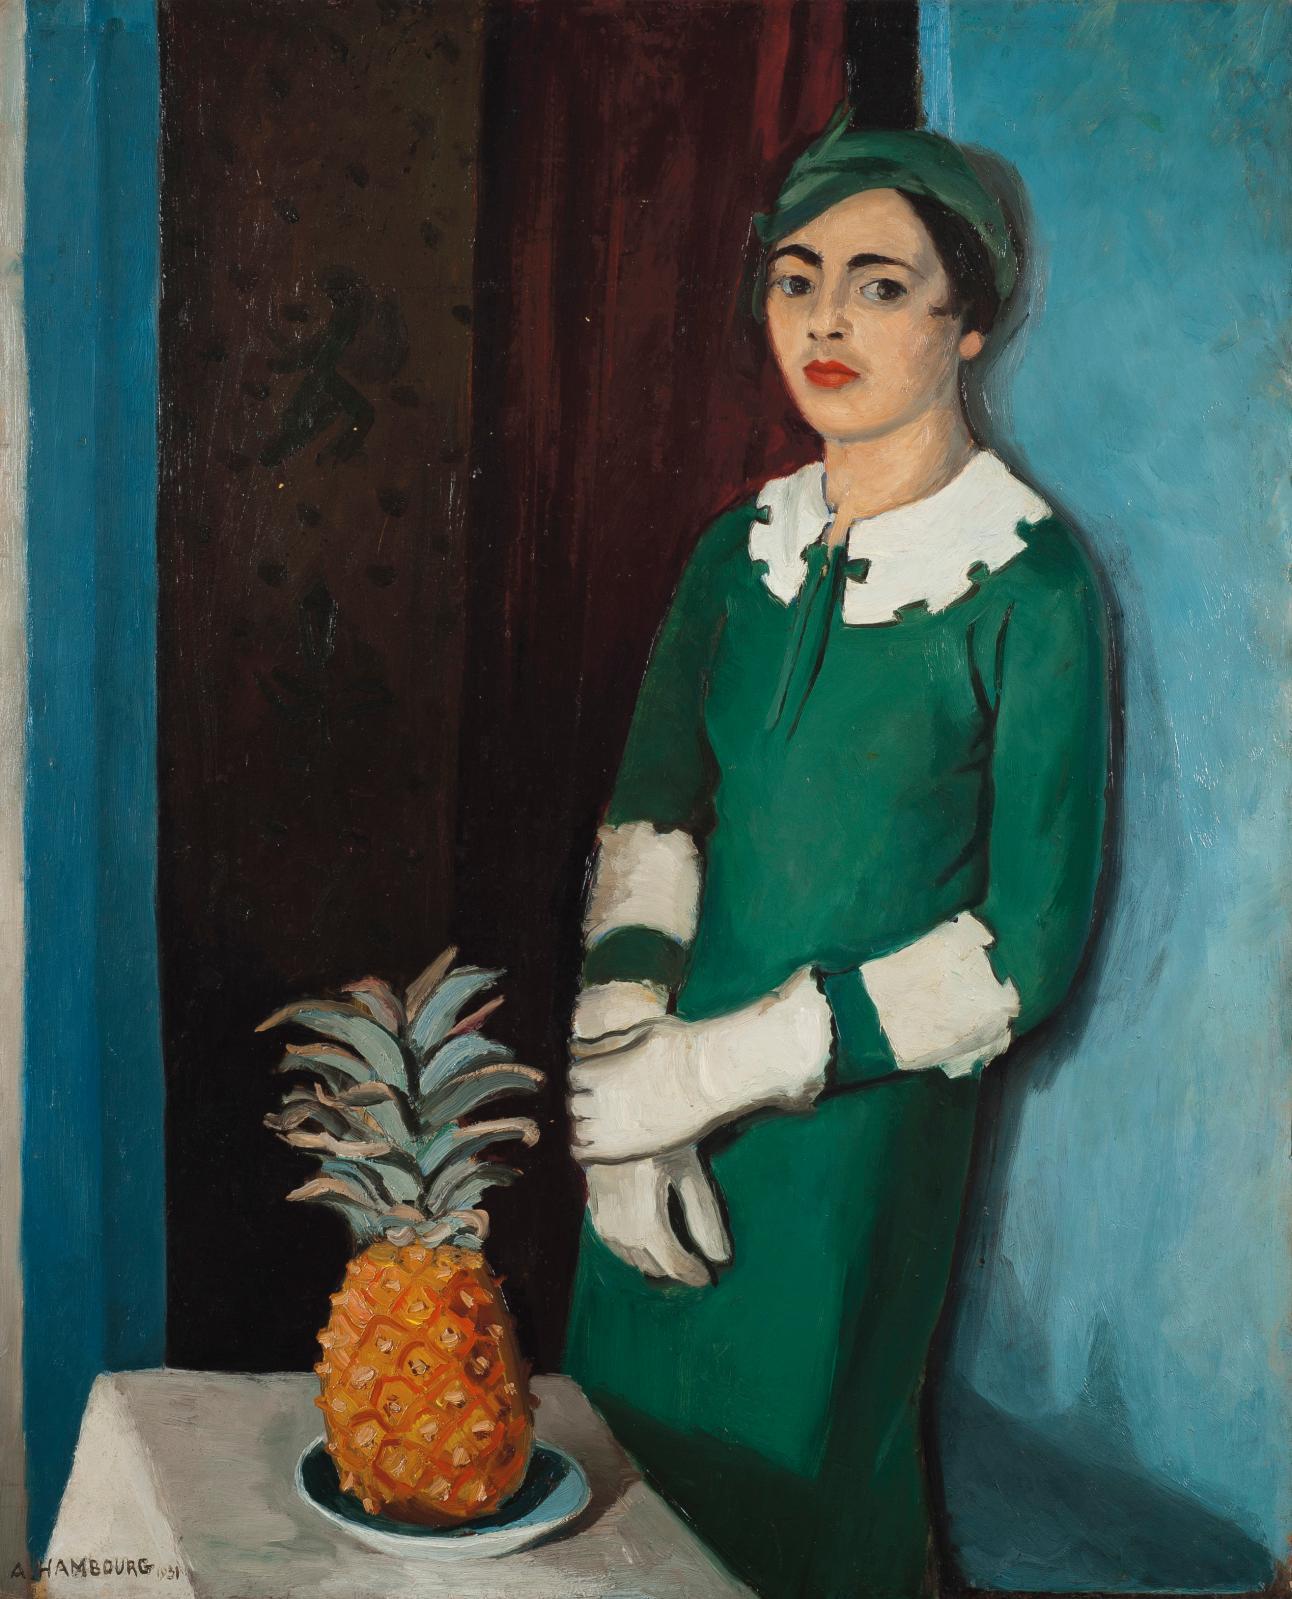 André Hambourg, La Femme à l'ananas, 1931.© ADAGP, Paris, 2021